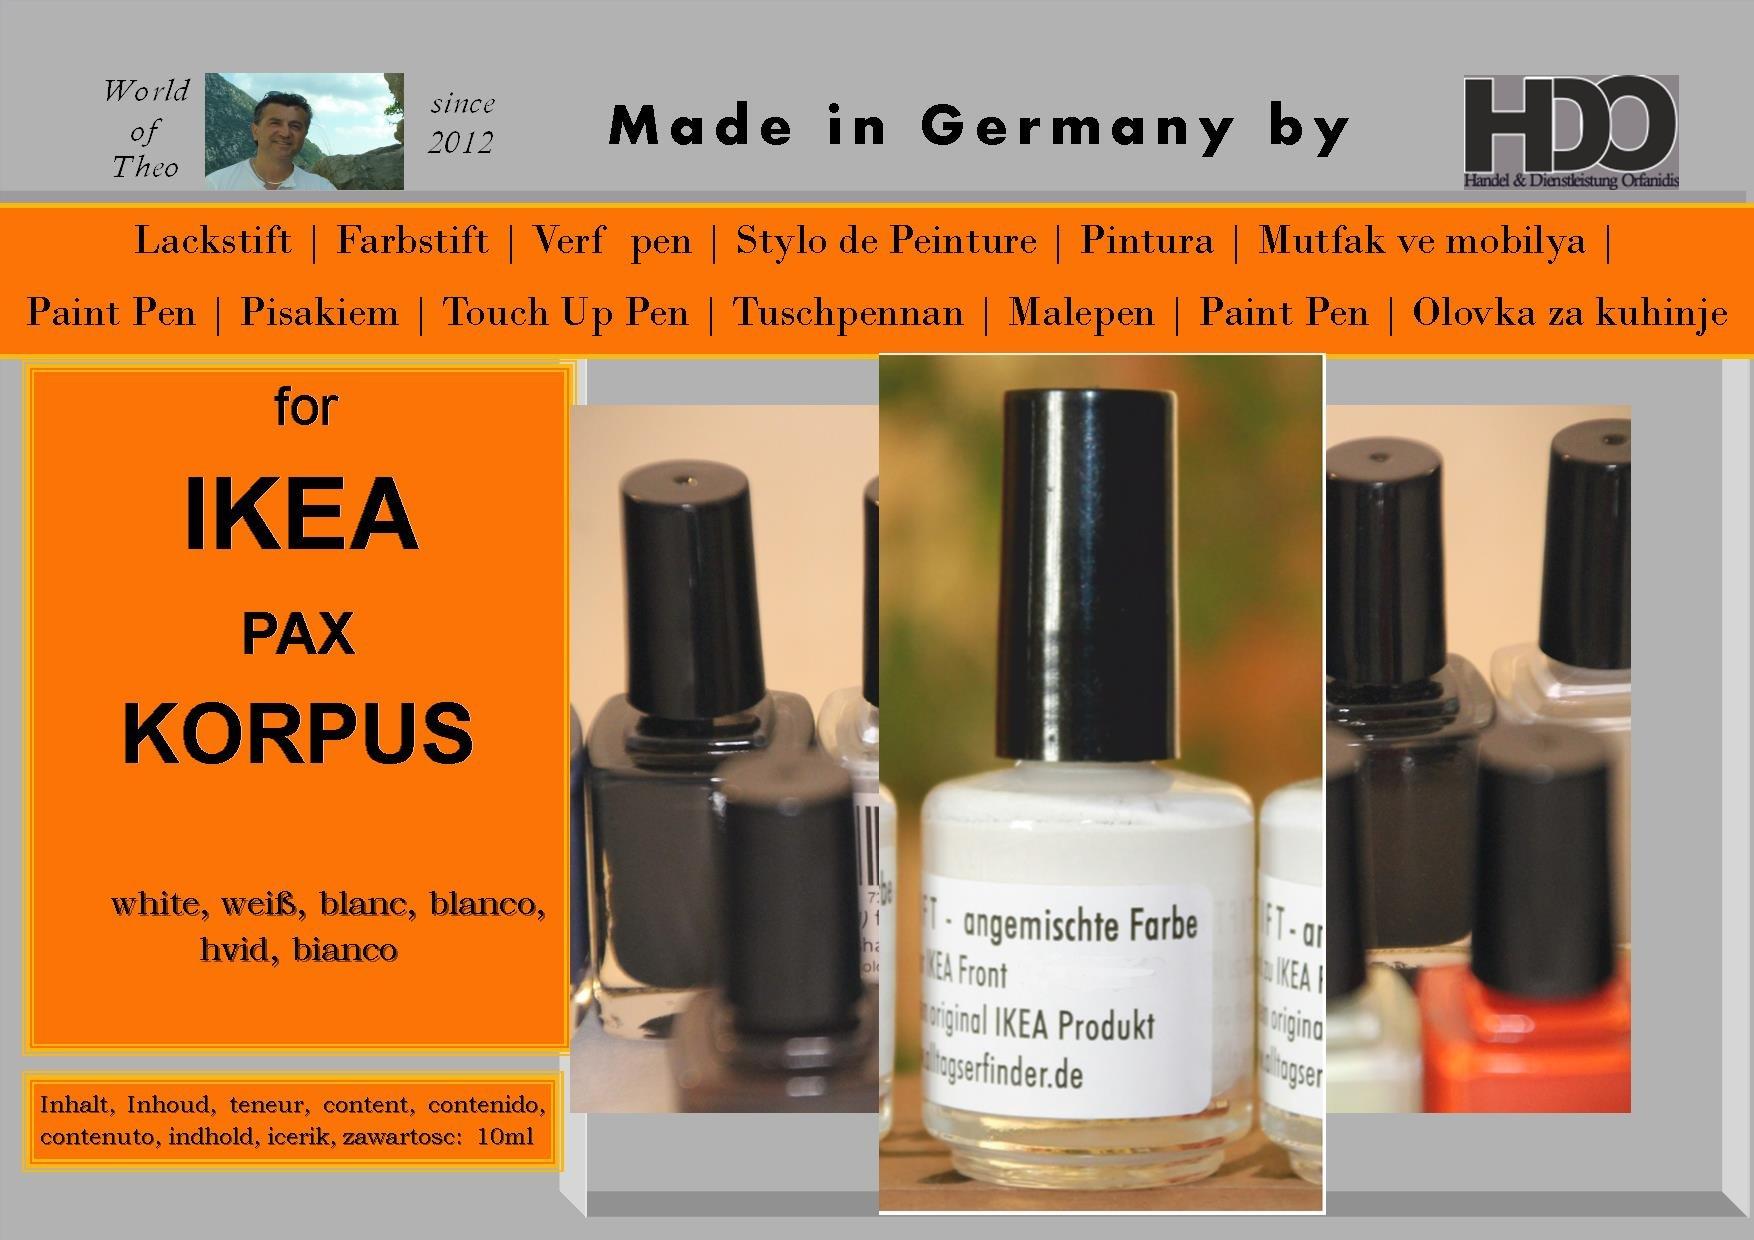 Q-Pen HDO Touch Up Paint for IKEA PAX Korpus white by Q-Pen HDO